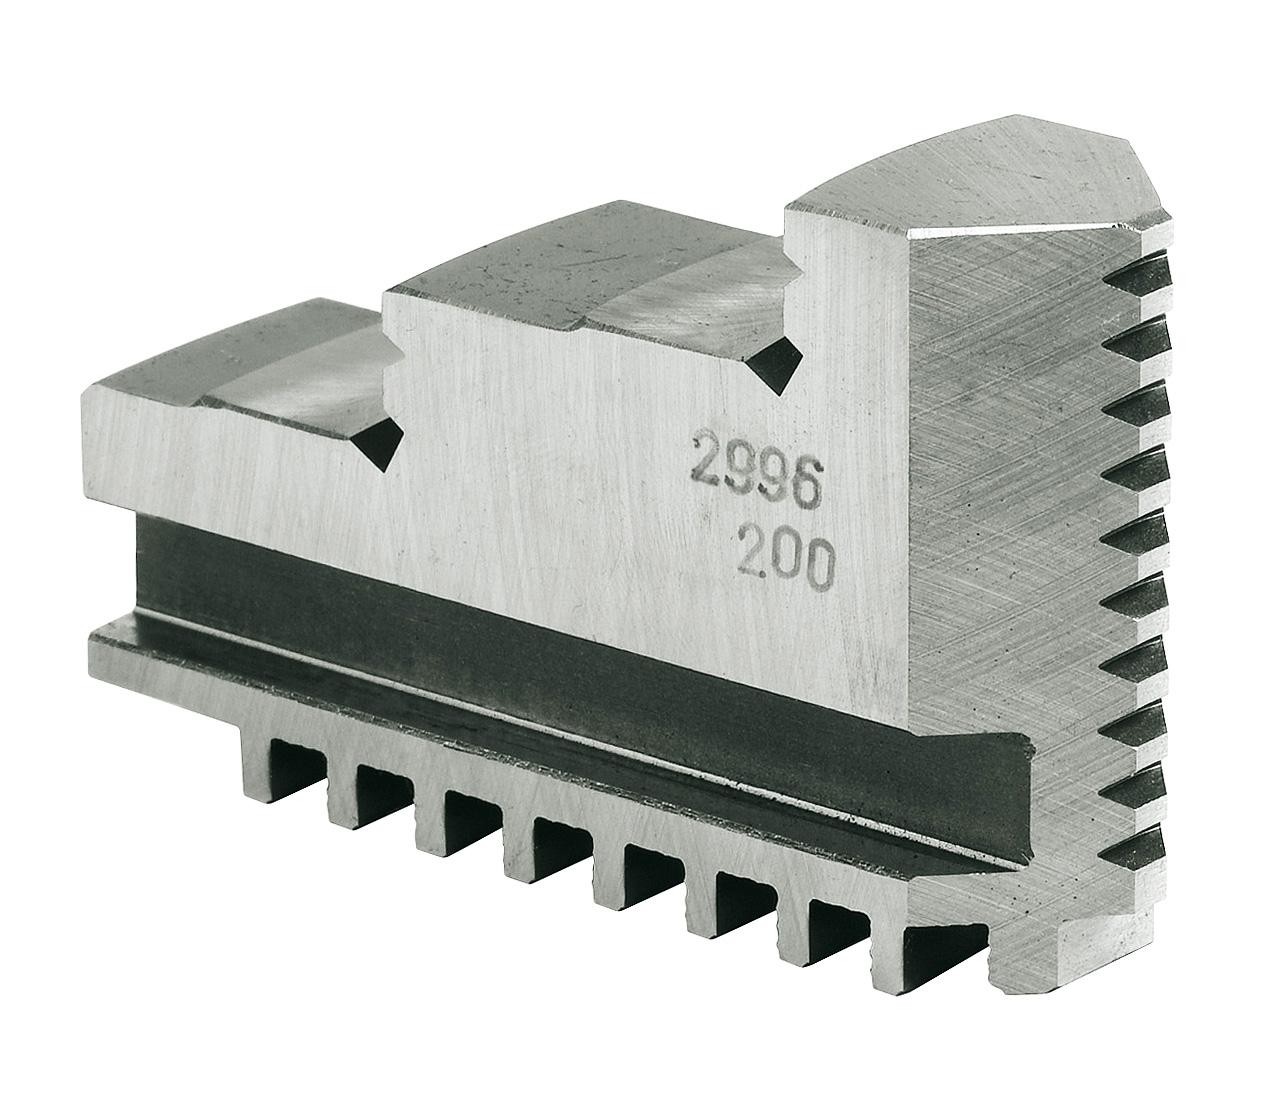 Szczęki jednolite twarde zewnętrzne - komplet DOJ-DK12-100 BERNARDO